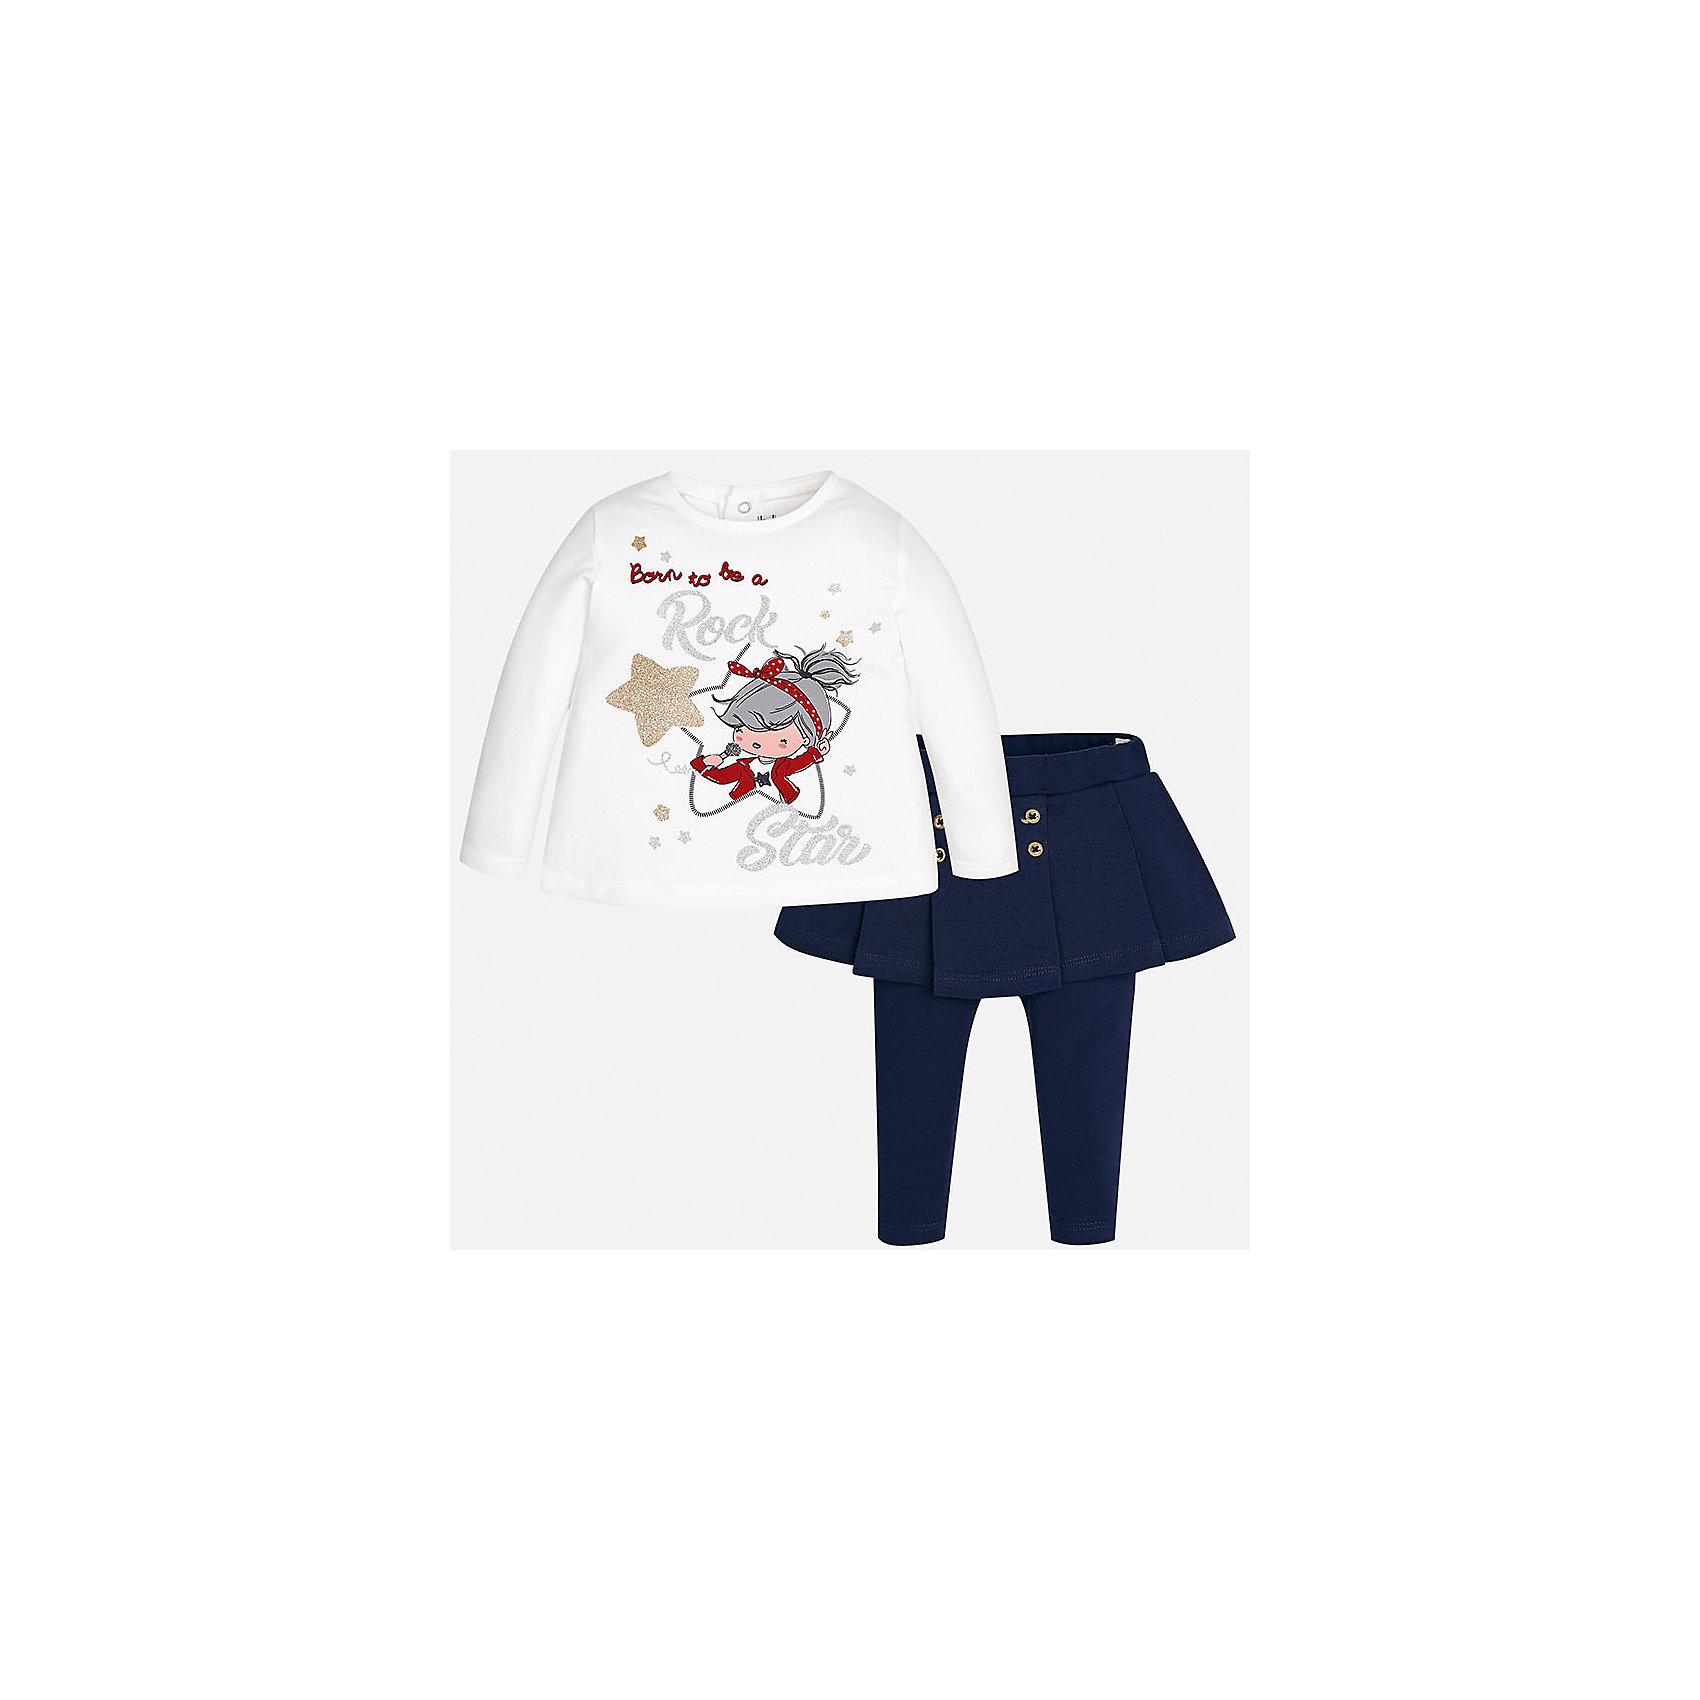 Комплект: блузка и леггинсы Mayoral для девочкиКомплекты<br>Характеристики товара:<br><br>• цвет: синий<br>• состав ткани: 92% хлопок, 8% эластан<br>• комплект: лонгслив и леггинсы<br>• сезон: демисезон<br>• особенности: принт с блестками<br>• пояс: резинка<br>• длинные рукава<br>• застежка: кнопки<br>• страна бренда: Испания<br>• страна изготовитель: Индия<br><br>Симпатичный детский комплект из лонгслива и леггинсов подойдет для любых мероприятий. Отличный способ обеспечить ребенку комфорт - надеть детские лонгслив и леггинсы от Mayoral. Детские леггинсы с юбкой сшиты из приятного на ощупь материала. Лонгслив для девочки удобно сидит по фигуре. <br><br>Комплект: лонгслив и леггинсы для девочки Mayoral (Майорал) можно купить в нашем интернет-магазине.<br><br>Ширина мм: 123<br>Глубина мм: 10<br>Высота мм: 149<br>Вес г: 209<br>Цвет: синий<br>Возраст от месяцев: 24<br>Возраст до месяцев: 36<br>Пол: Женский<br>Возраст: Детский<br>Размер: 98,74,80,86,92<br>SKU: 6920553